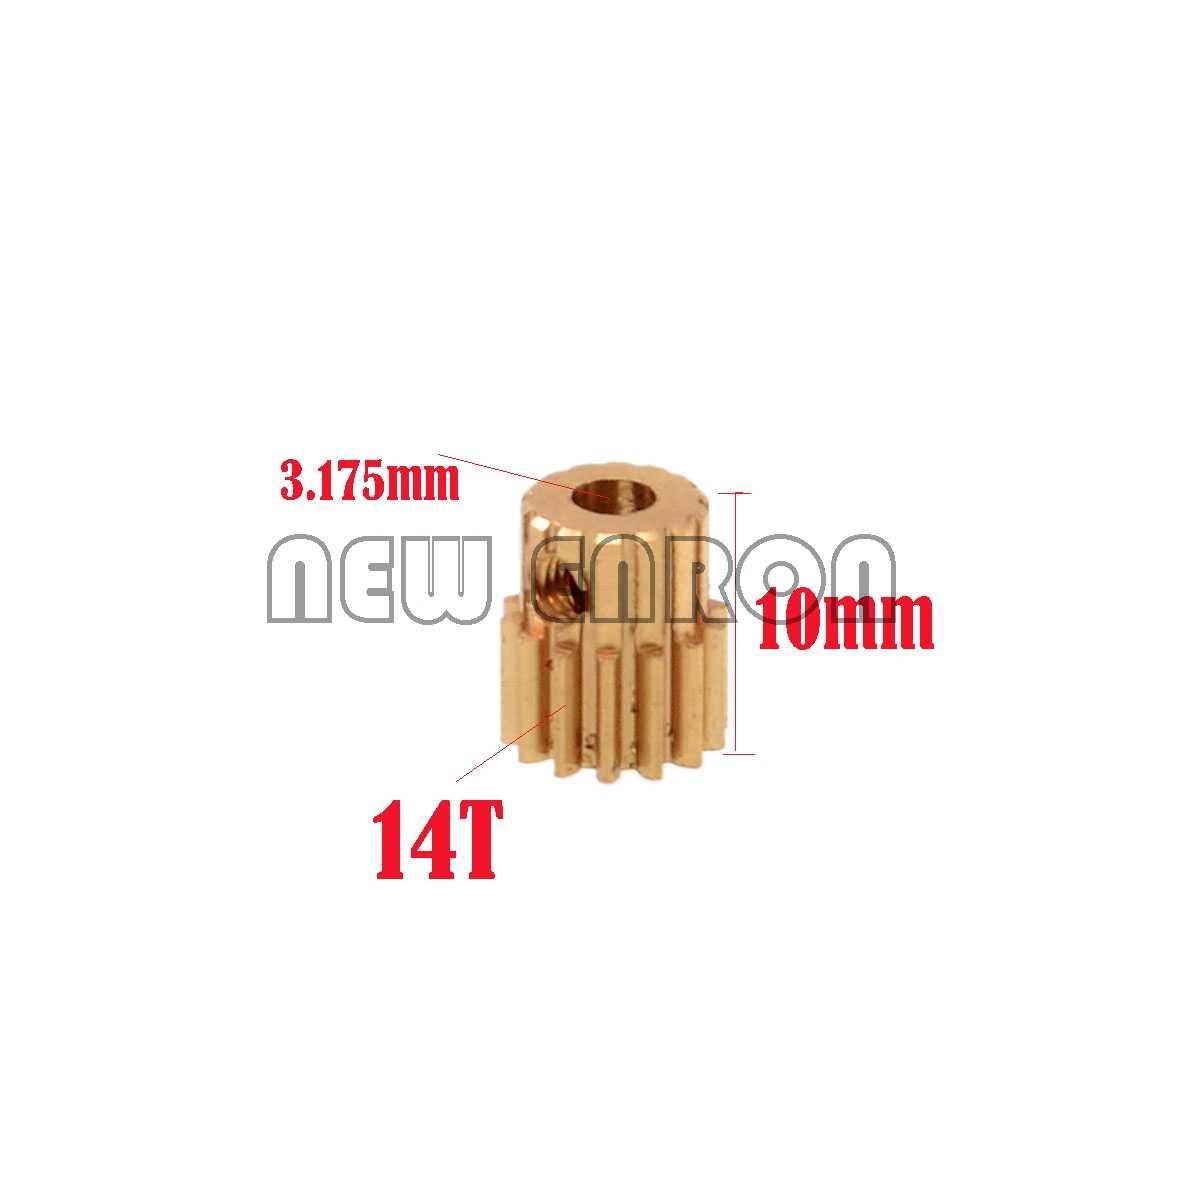 ใหม่ ENRON 14T Cear R86044 RC Crawler RGT 1/10 1:10 รถบรรทุกมอนสเตอร์แผนที่ Rock Cruiser EX86100